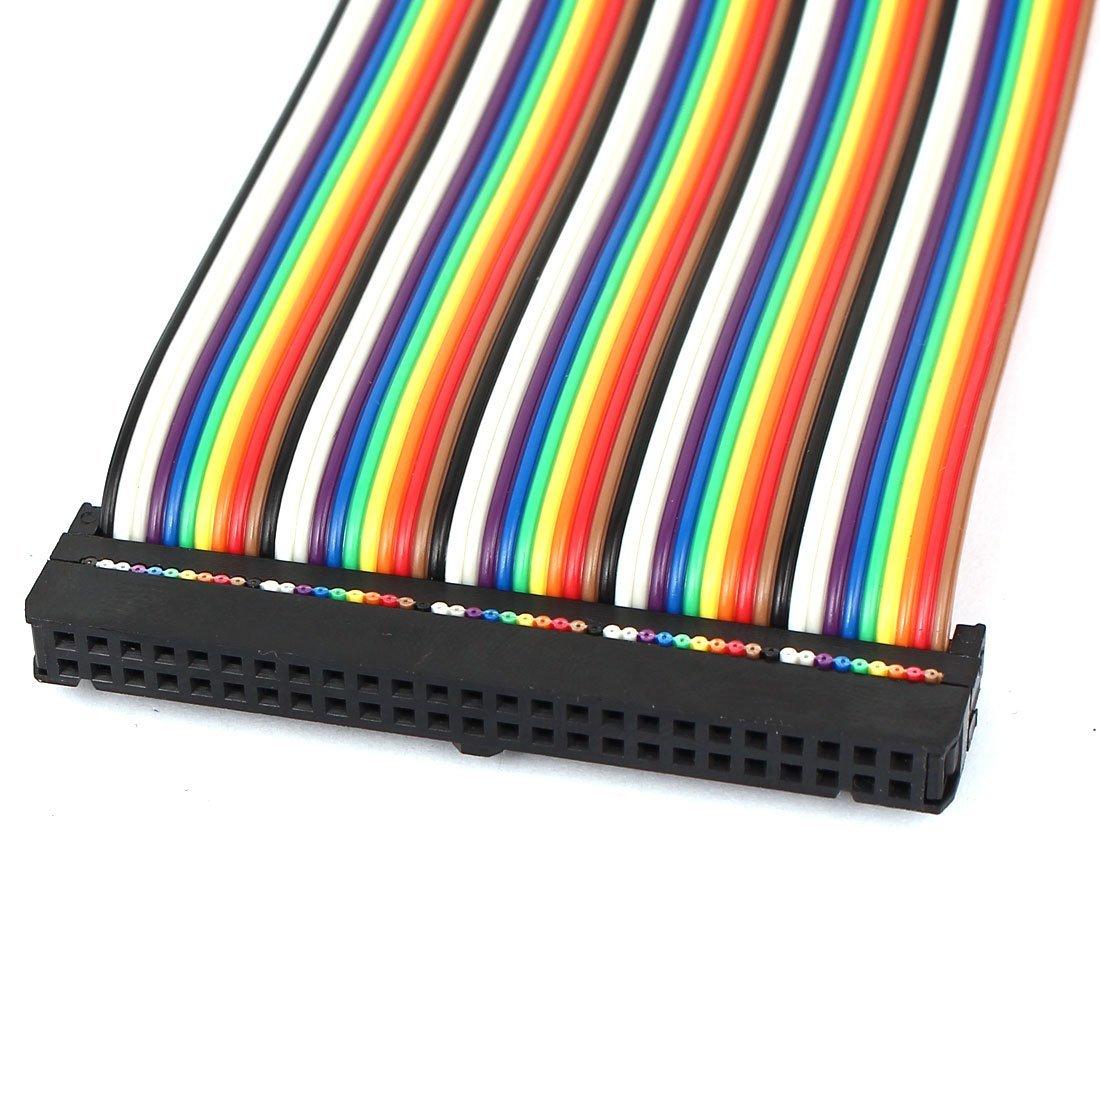 eDealMax connettore IDC Piatto Arcobaleno cavo a nastro, F/F, 50 Pin, 50 Way, 1.4'